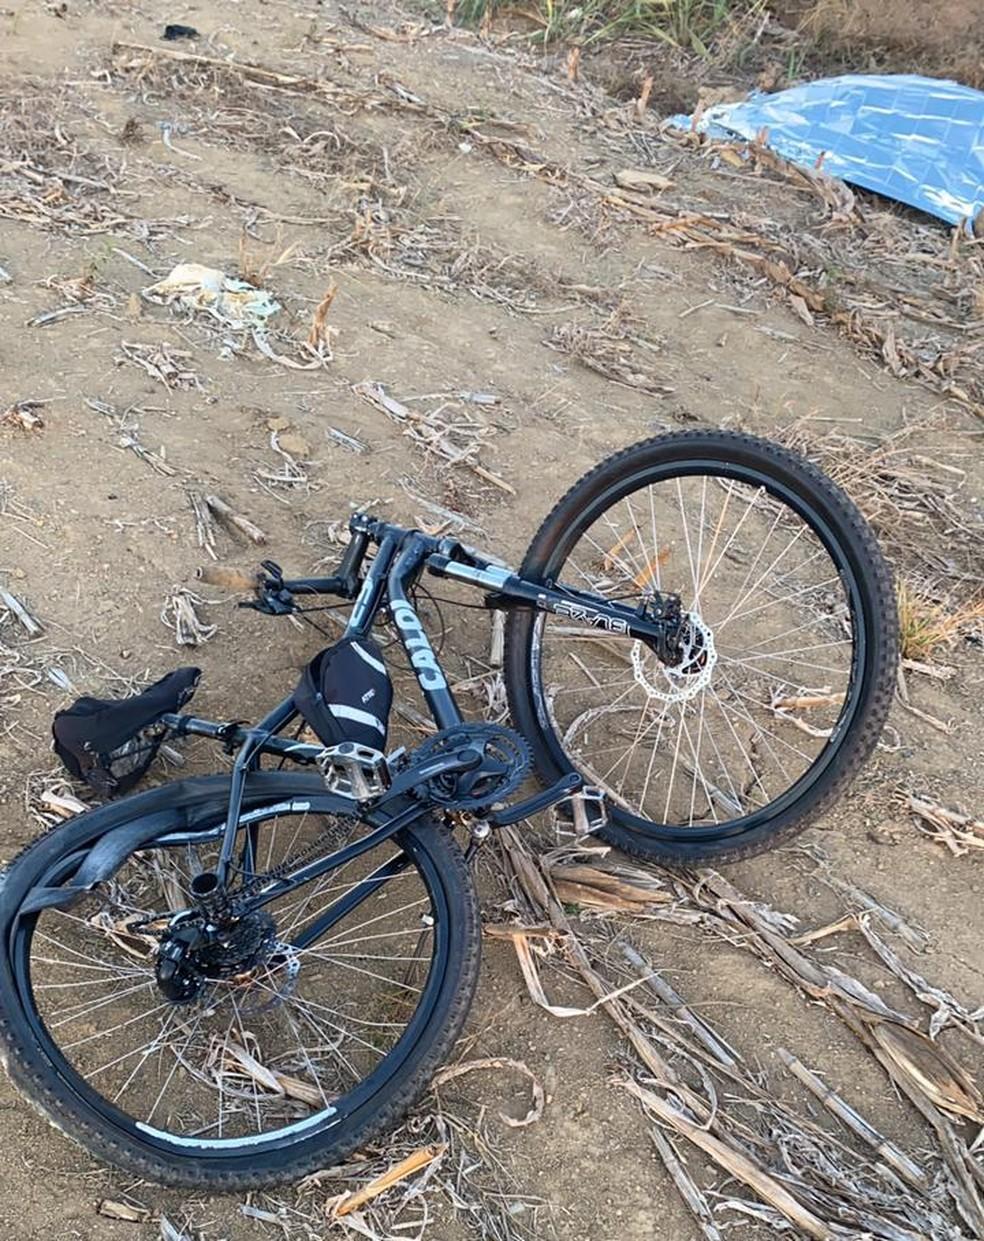 Bicicleta da vítima de acidente na BR-421, em Ro — Foto: PRF/Reprodução